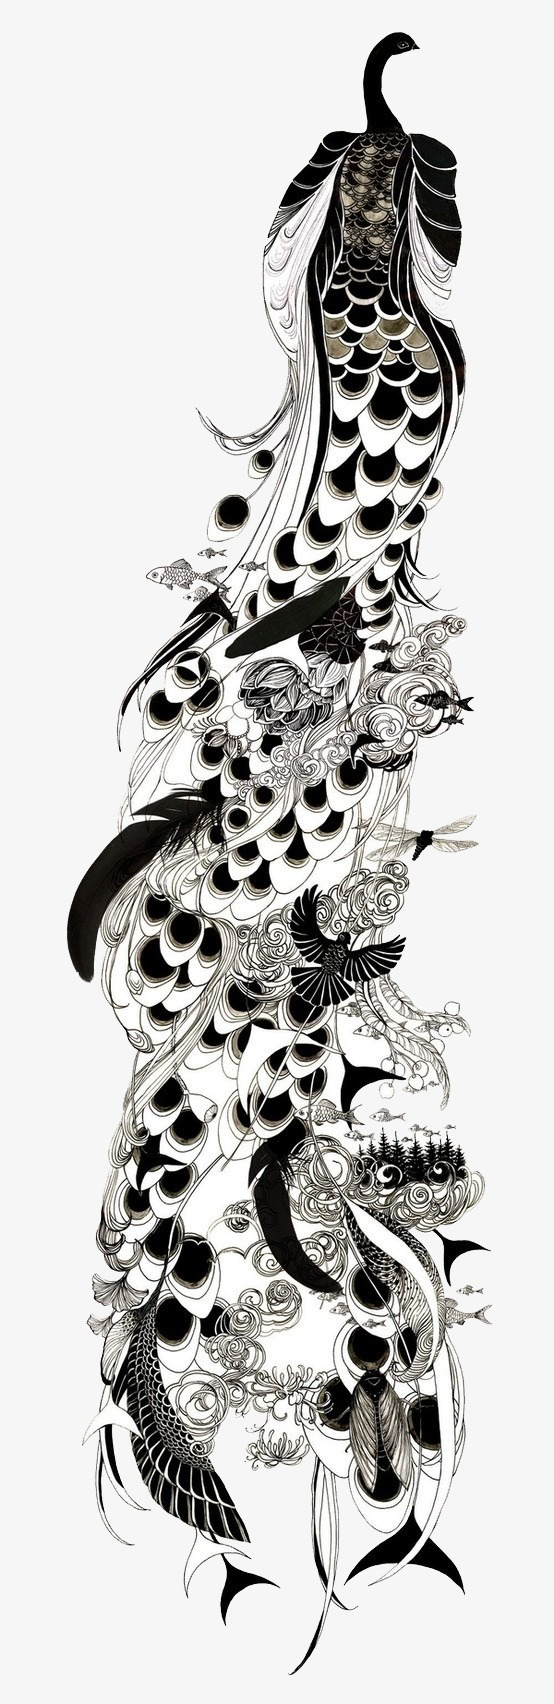 孔雀黑白手绘画